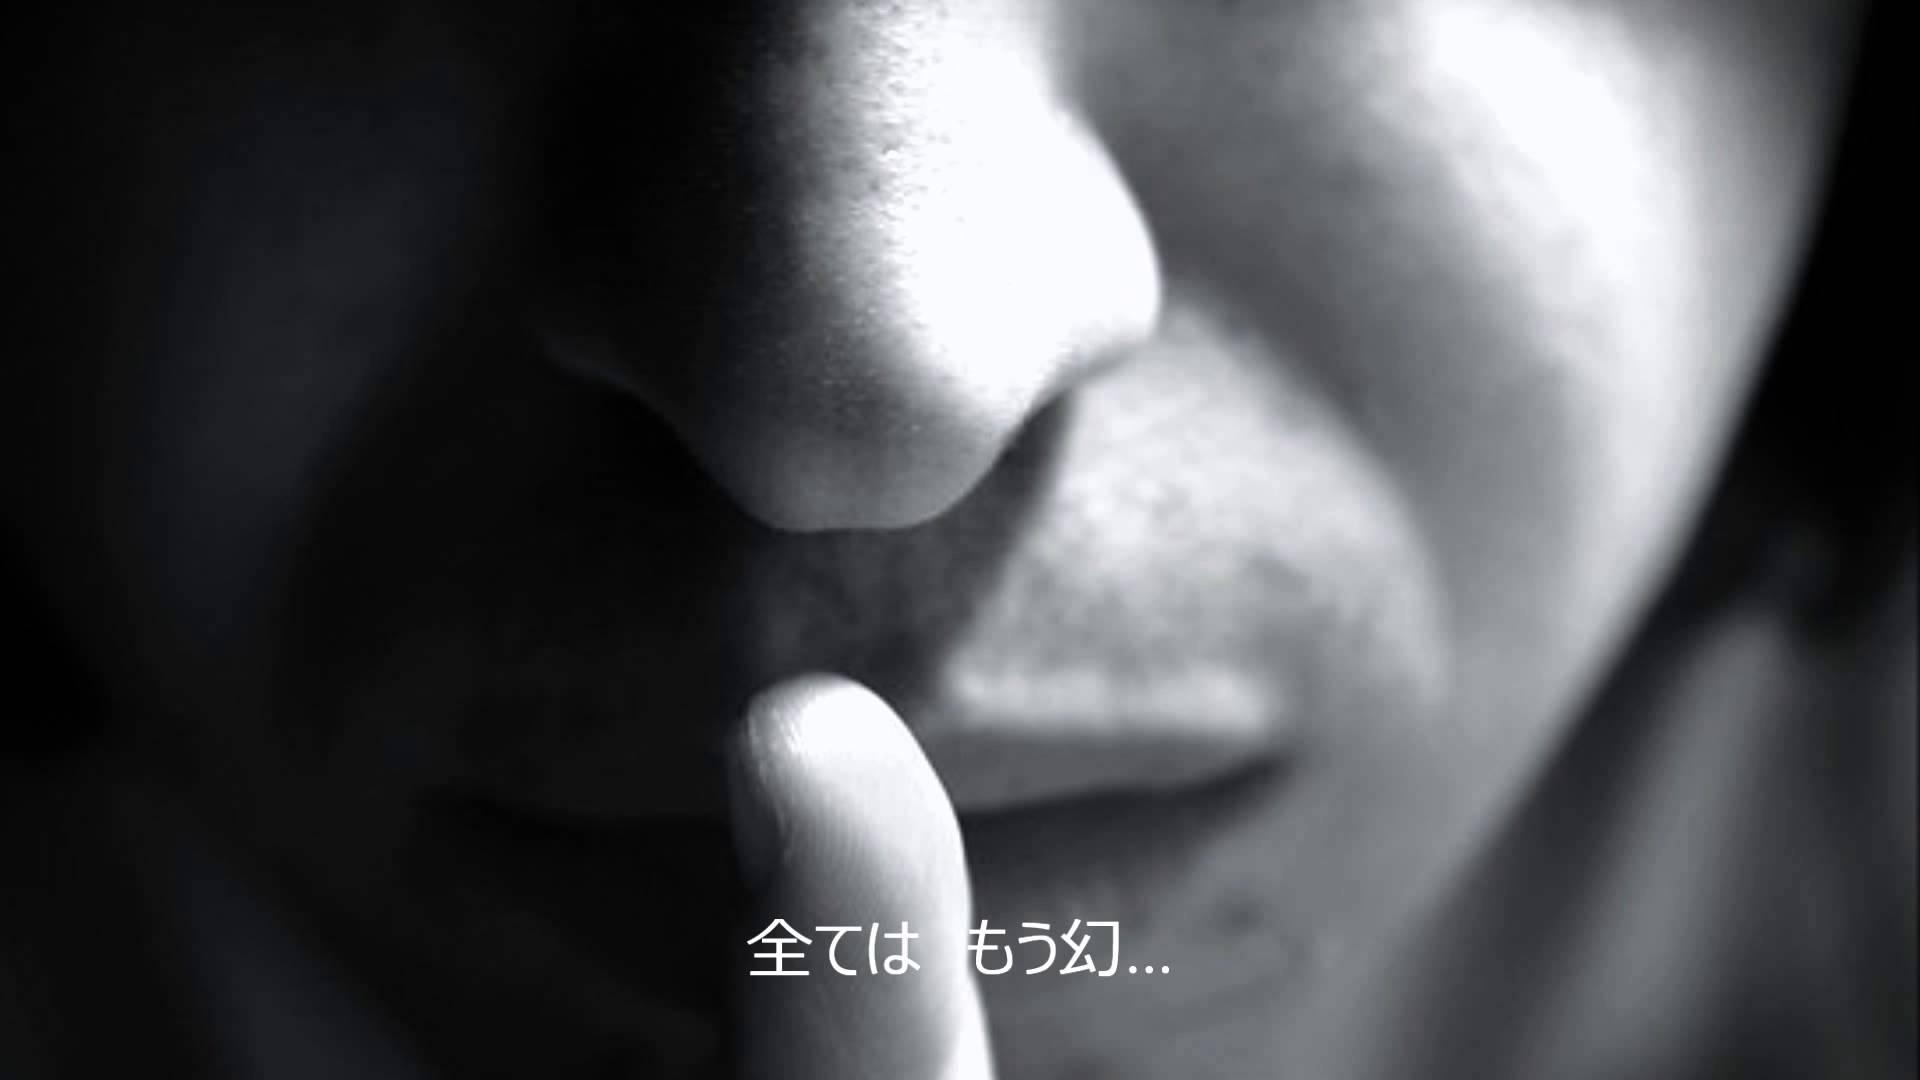 山下達郎 FOREVER MINE - YouTube